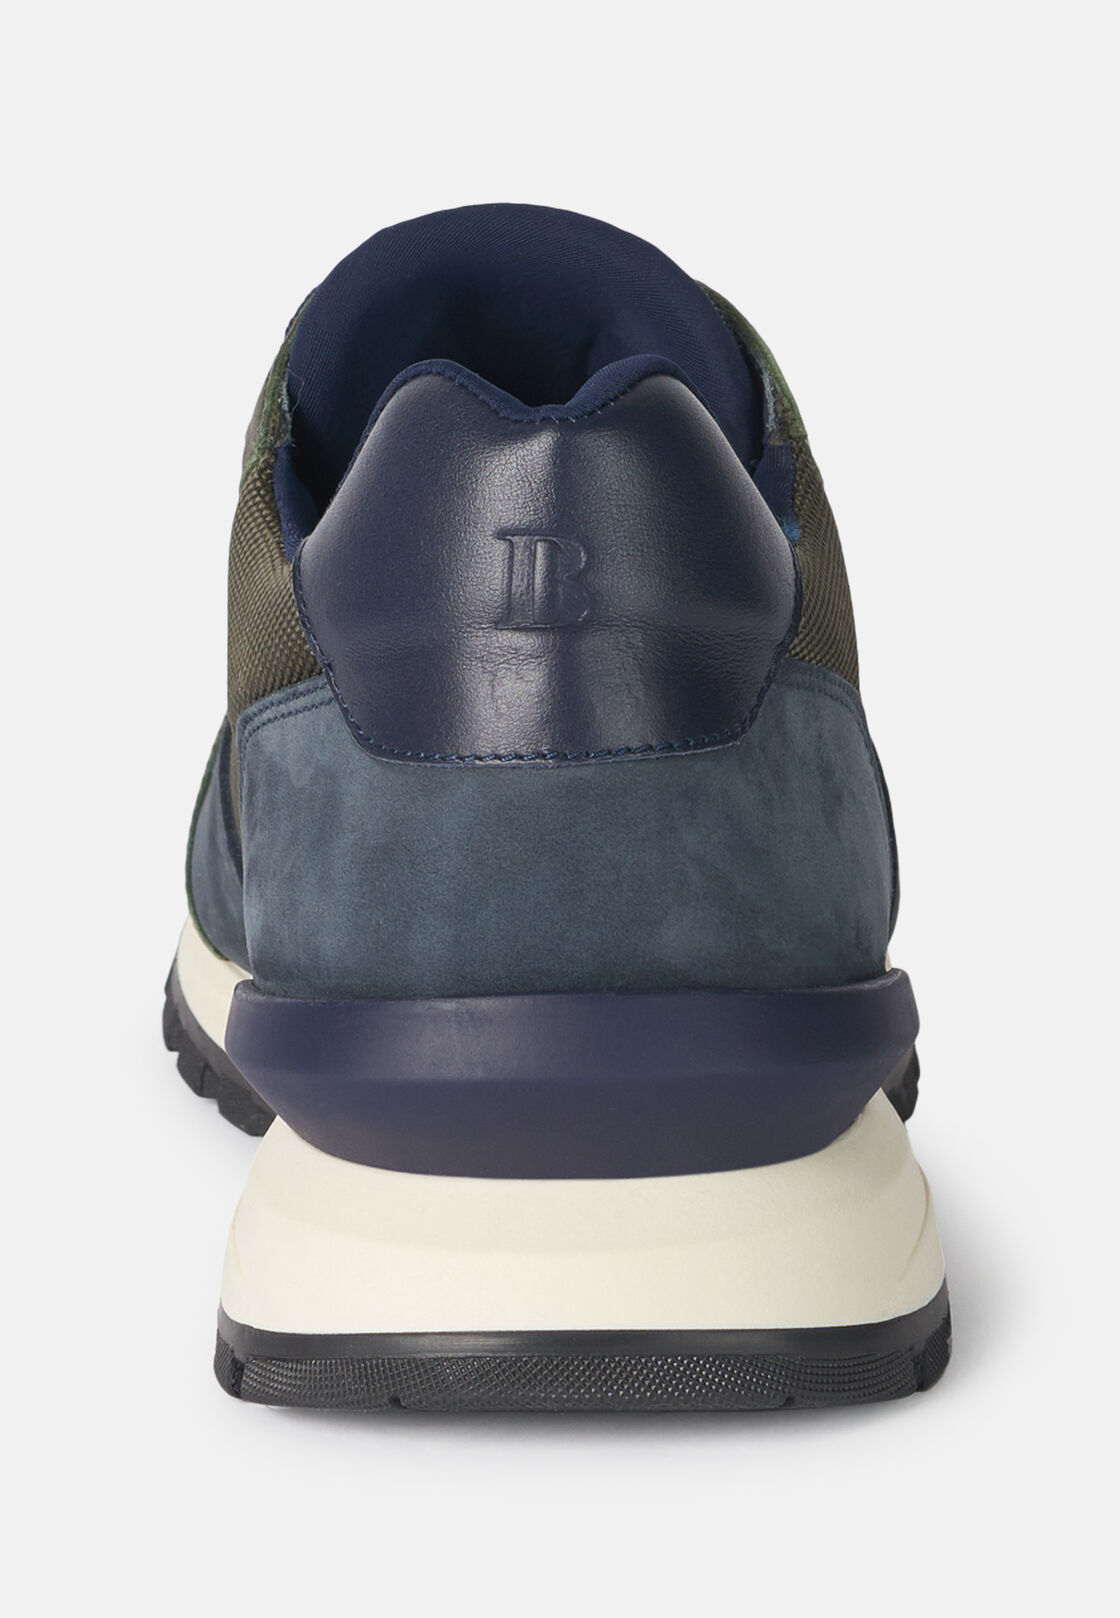 Sneakers militare in tessuto tecnico e pelle, Militare, hi-res